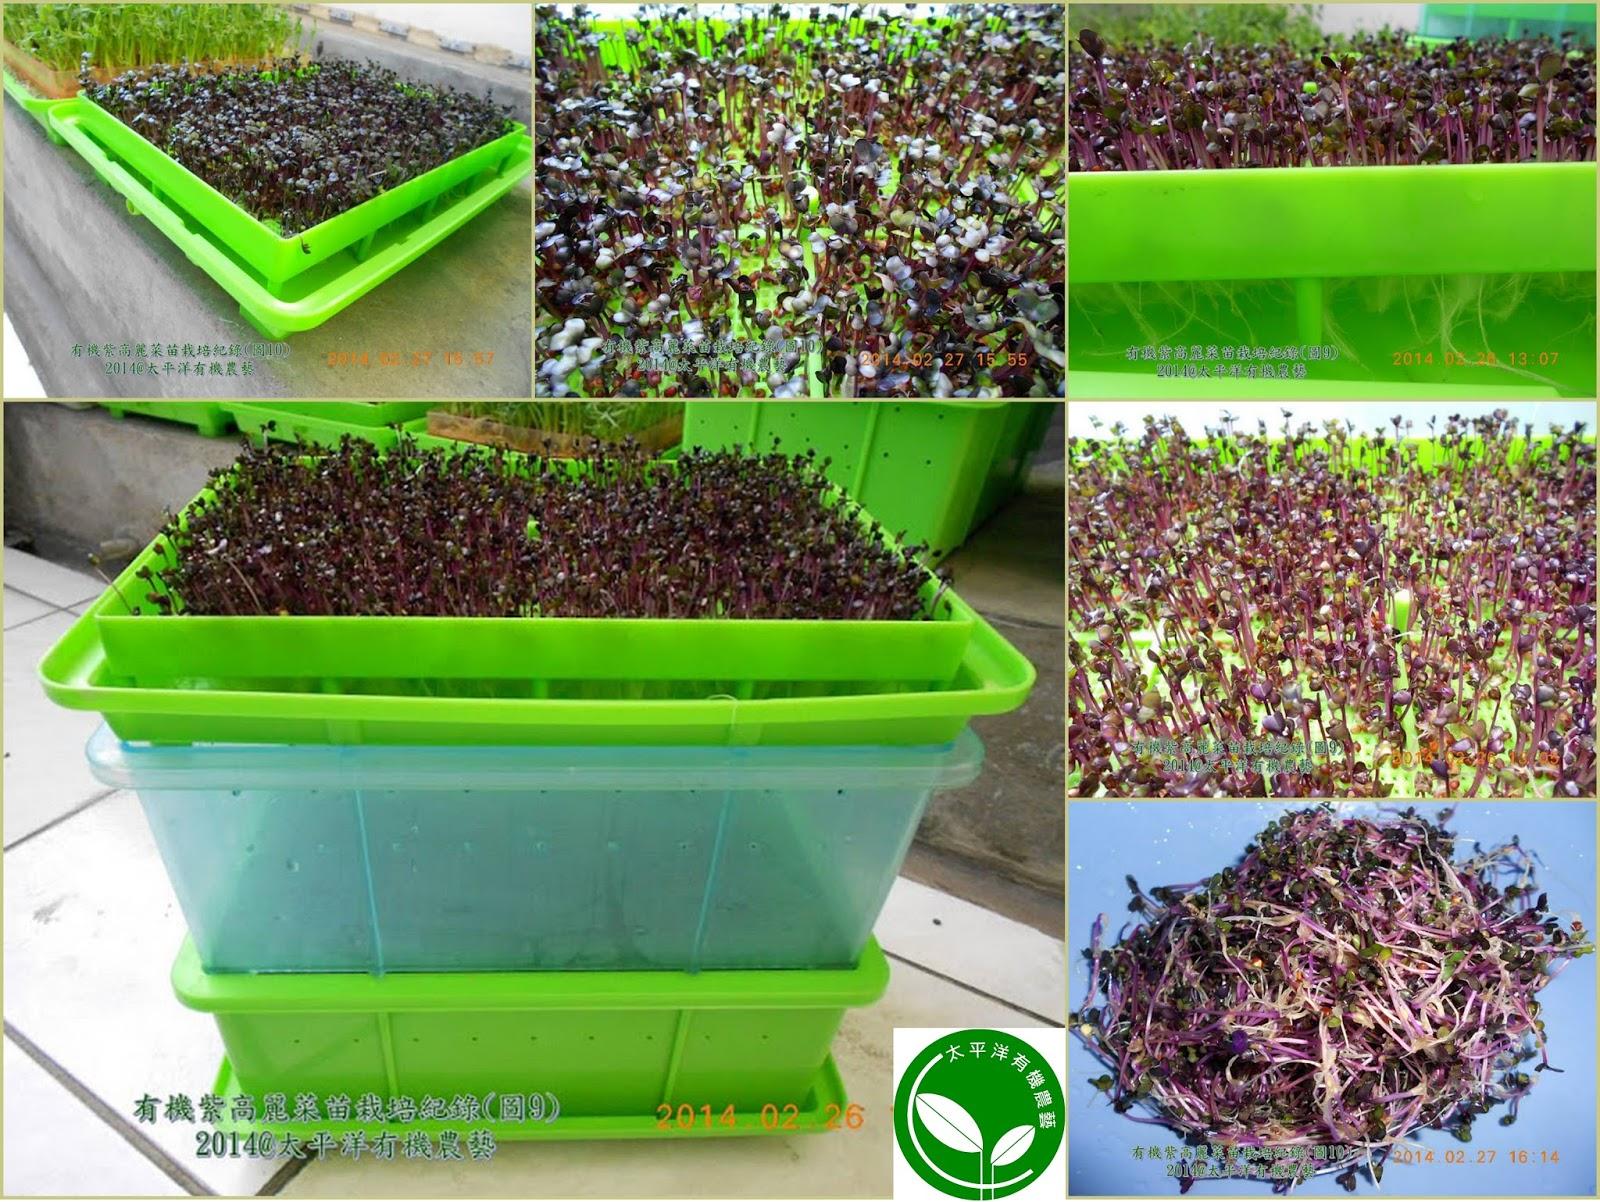 有機芽菜 有機紫高麗菜芽菜苗 有機芽菜箱 有機芽菜水耕盤 有機芽菜機